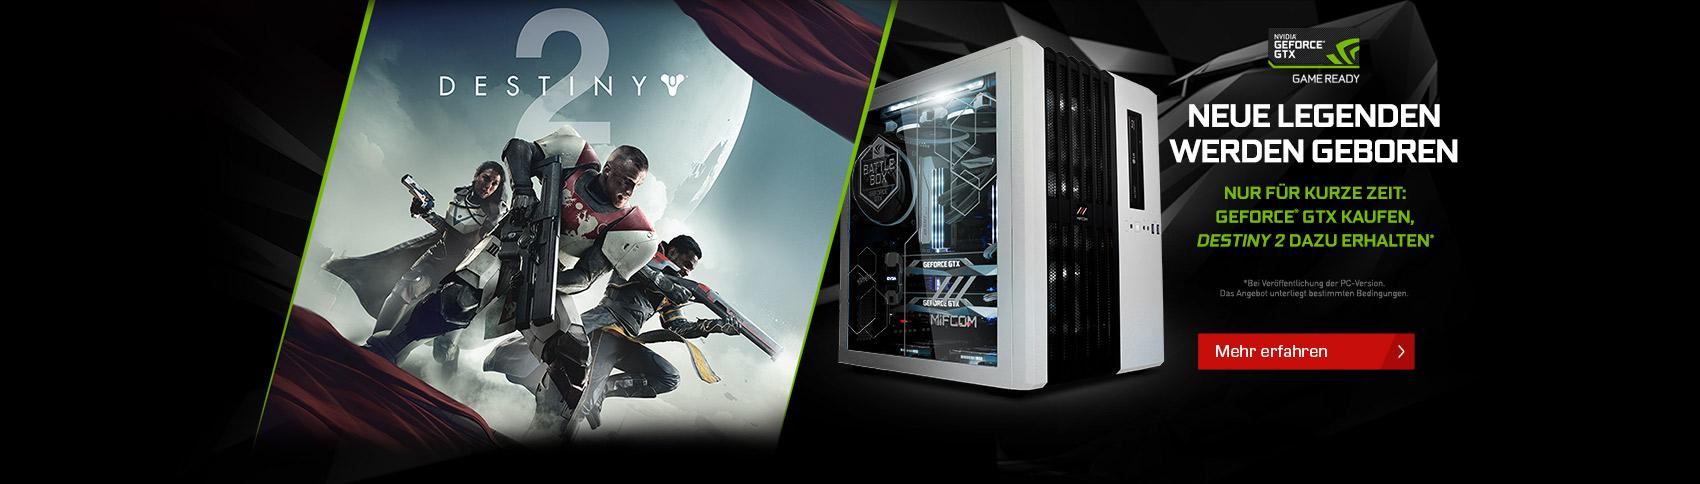 NVIDIA Game Bundle Destiny 2